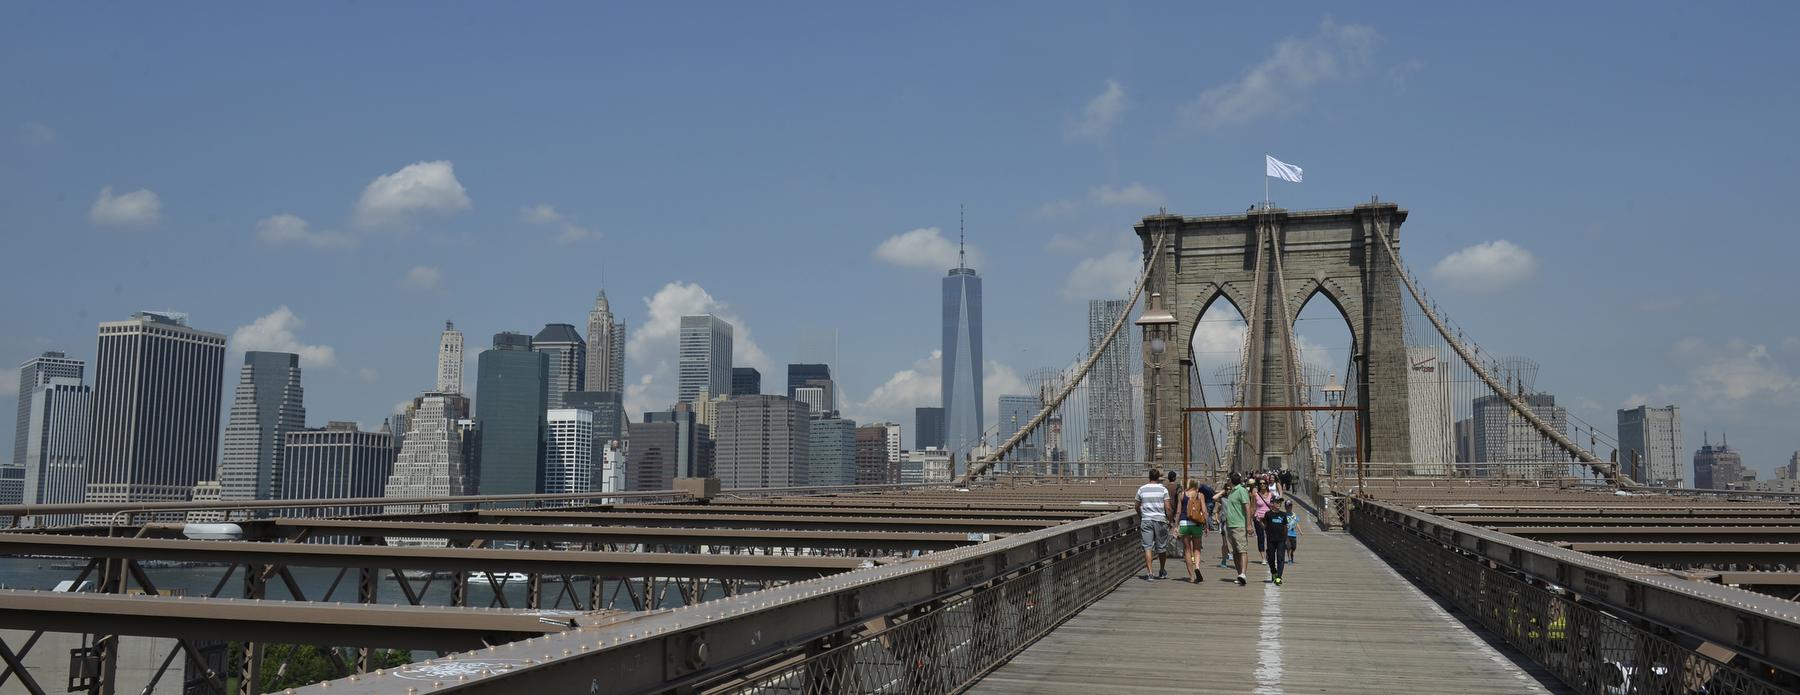 Ce s-a intamplat peste noapte cu steagul Statelor Unite de pe Brooklyn Bridge. Politistii din New York nu au nicio explicatie